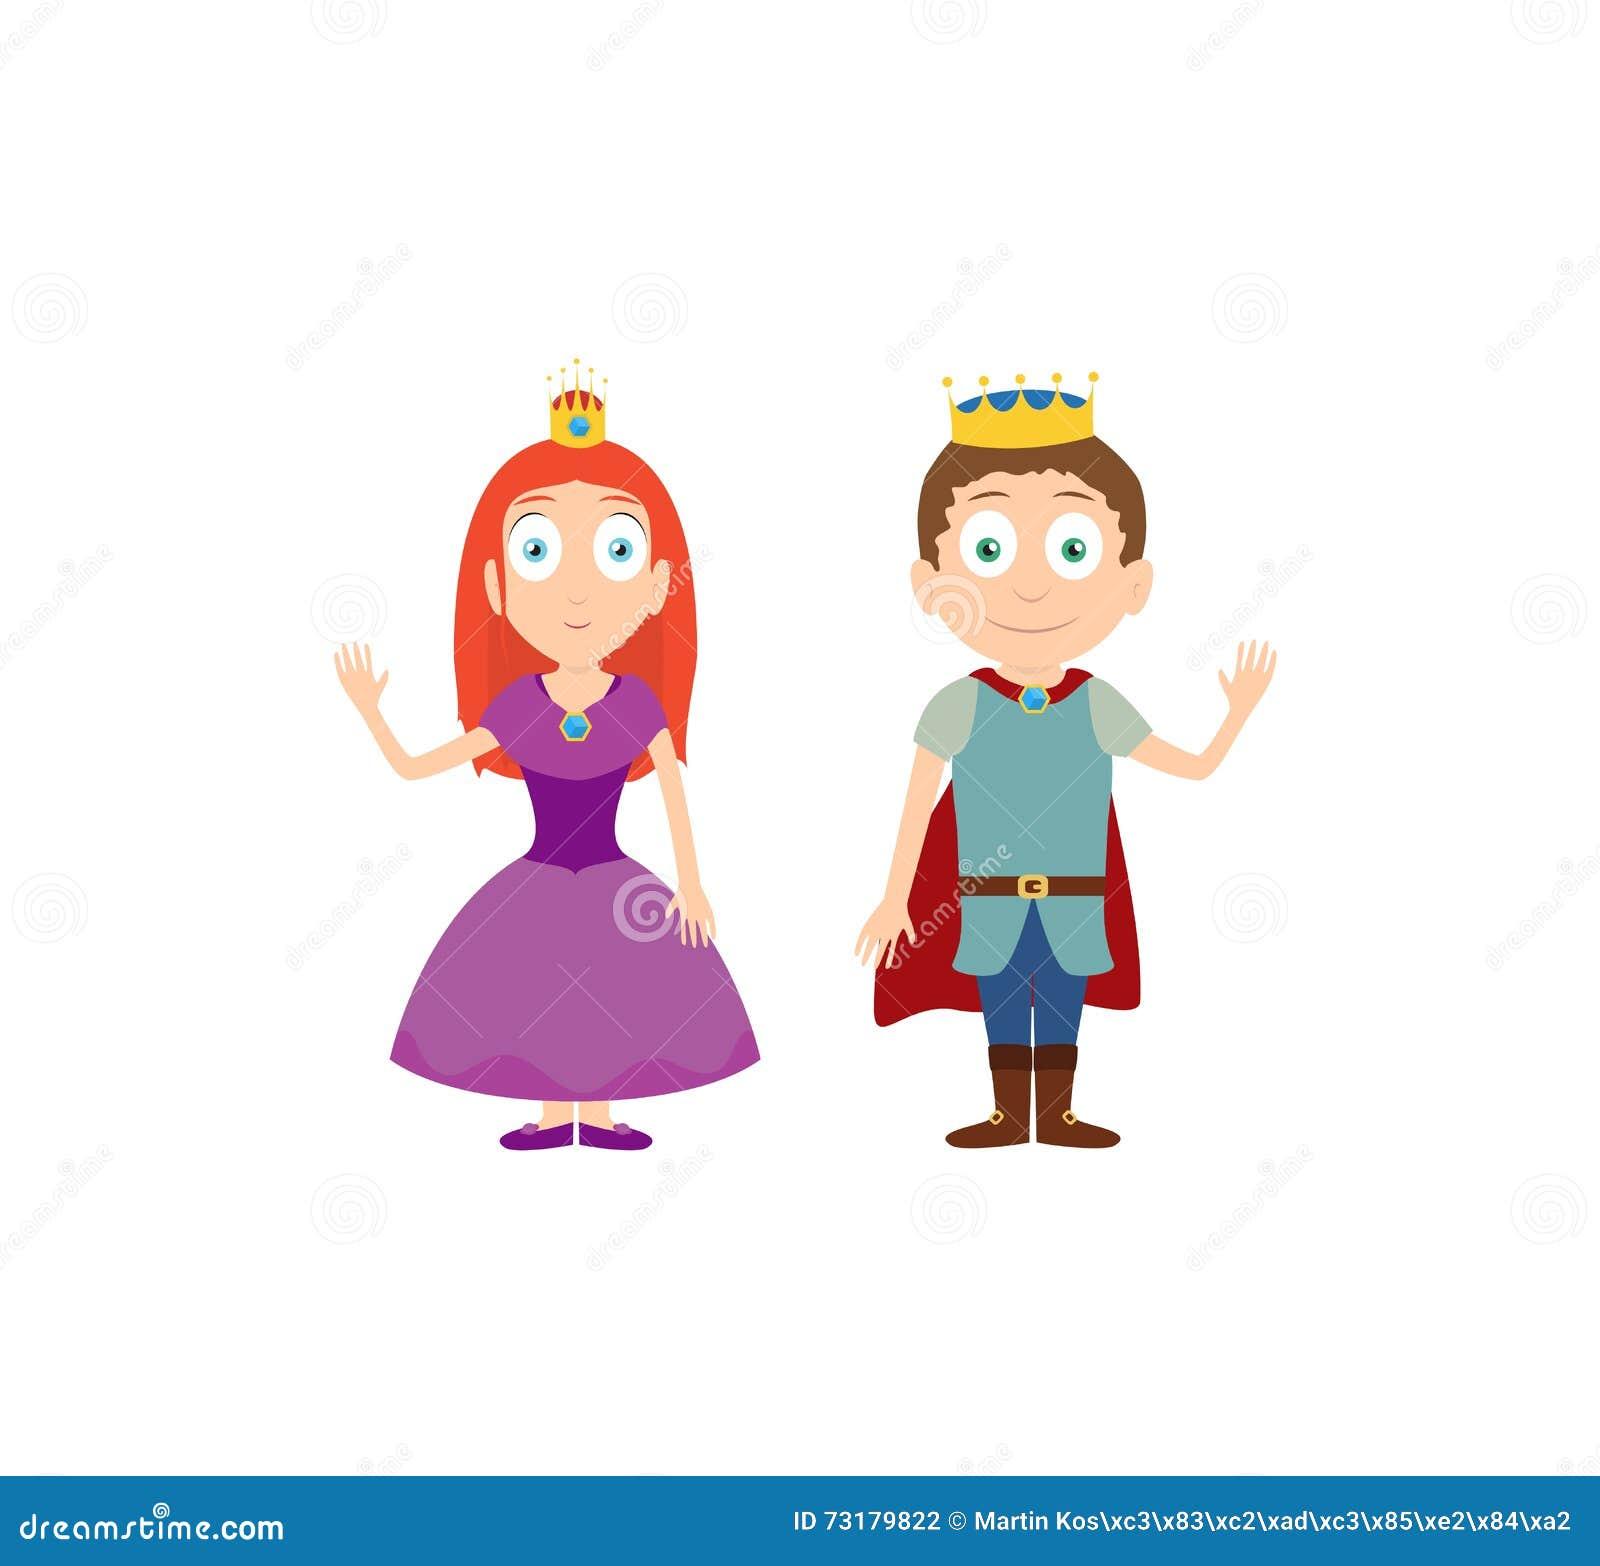 Personnages de dessin anim de princesse et de prince sur le blanc illustration de vecteur - Prince et princesse dessin ...